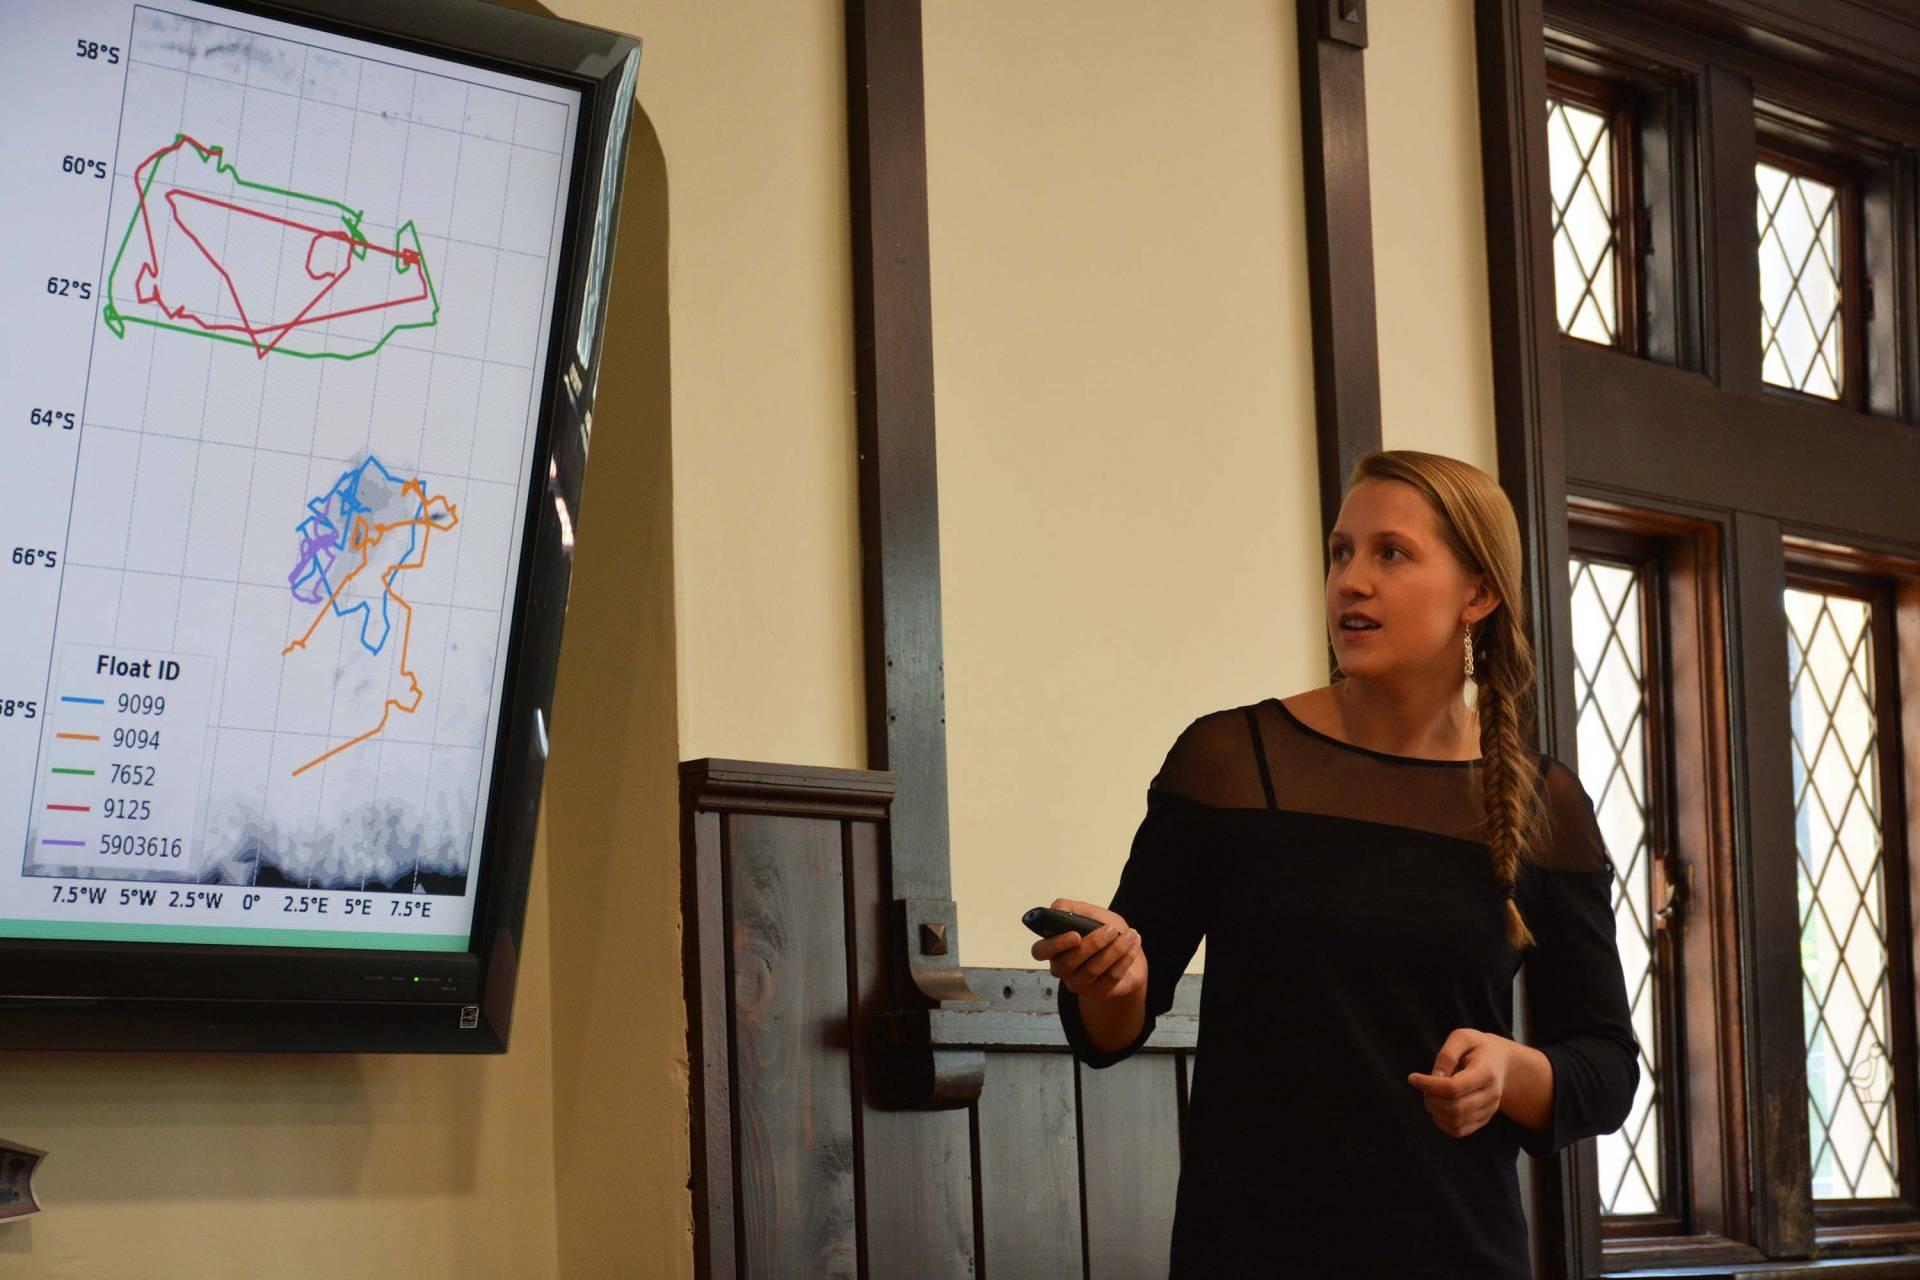 Lauren von Berg presenting findings